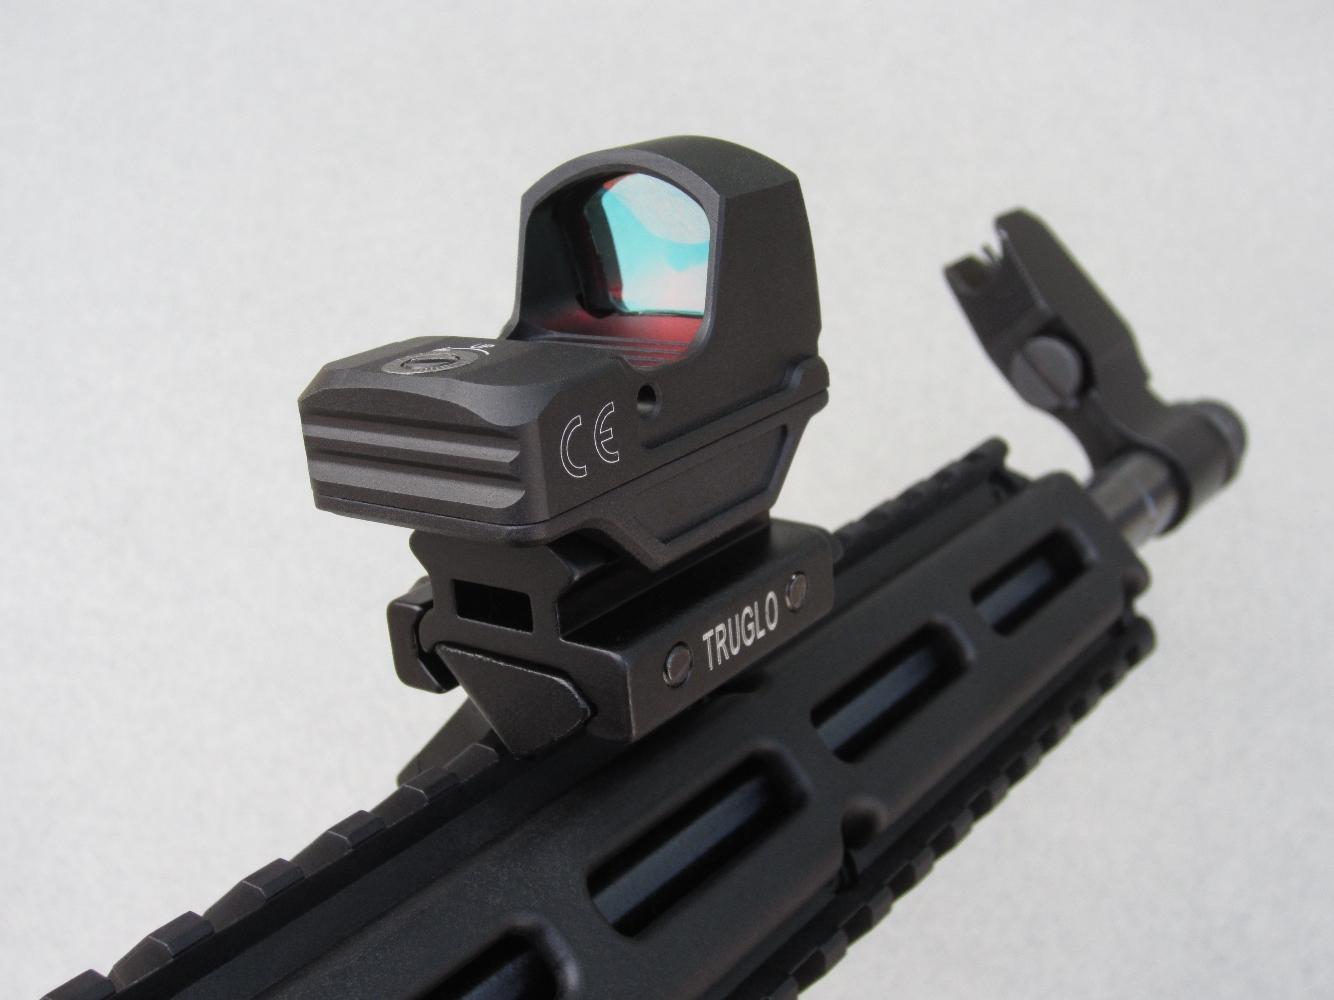 L'installation d'un viseur déporté, au moyen d'un adaptateur Picatinny incliné à quarante-cinq degrés couplé à un réhausseur de 12 mm présente l'avantage ne pas entraver le repliement de l'arme.